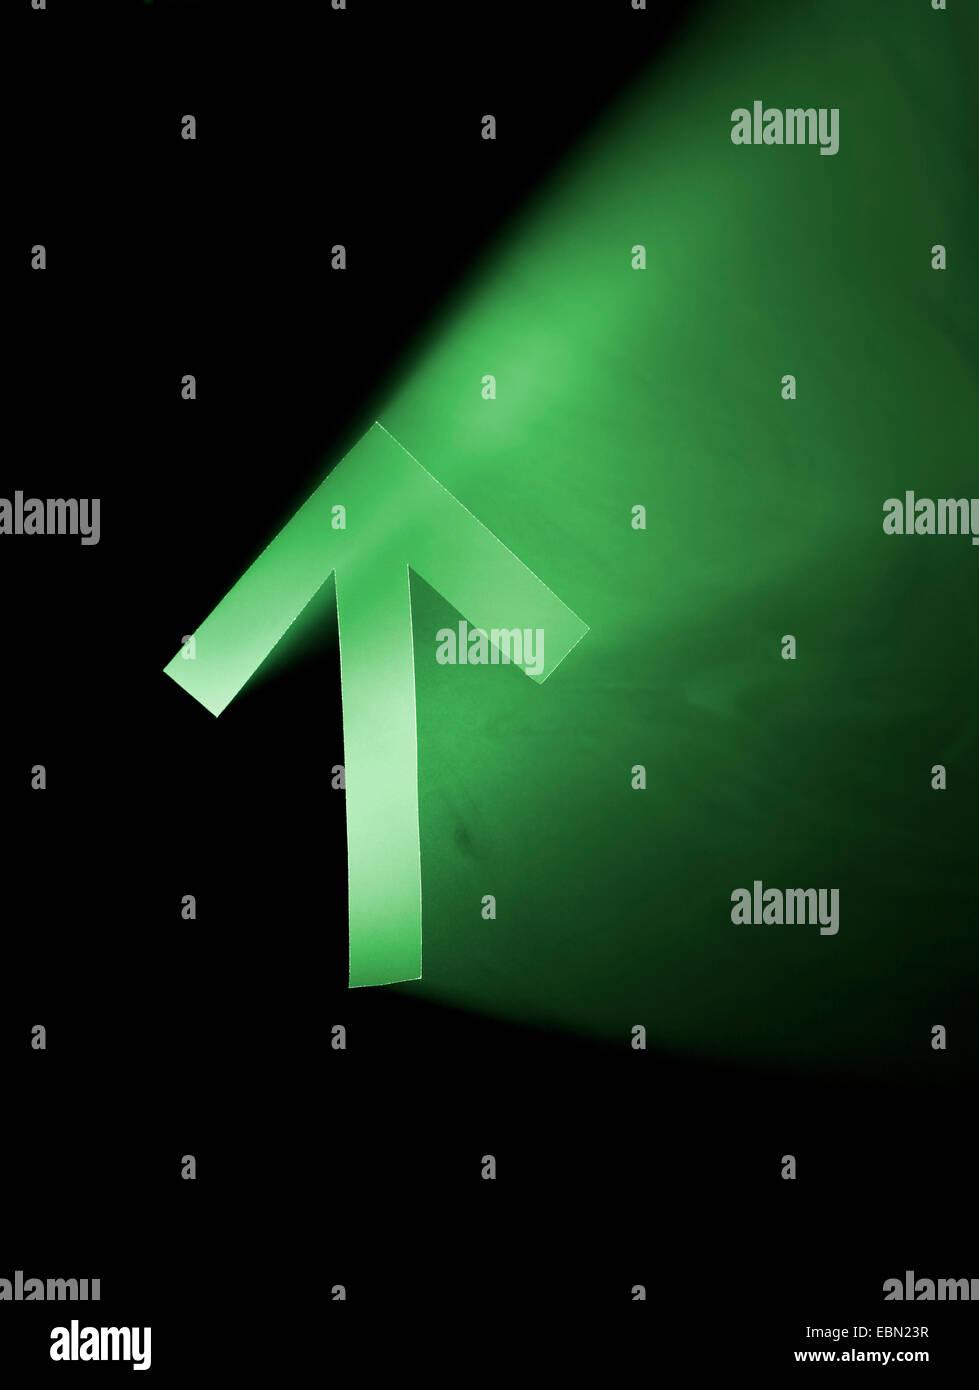 Grünen Pfeil nach oben. Loch im Karton, Nebelmaschine und Scheinwerfer. Das Bild scheint laut, aber das ist Stockbild